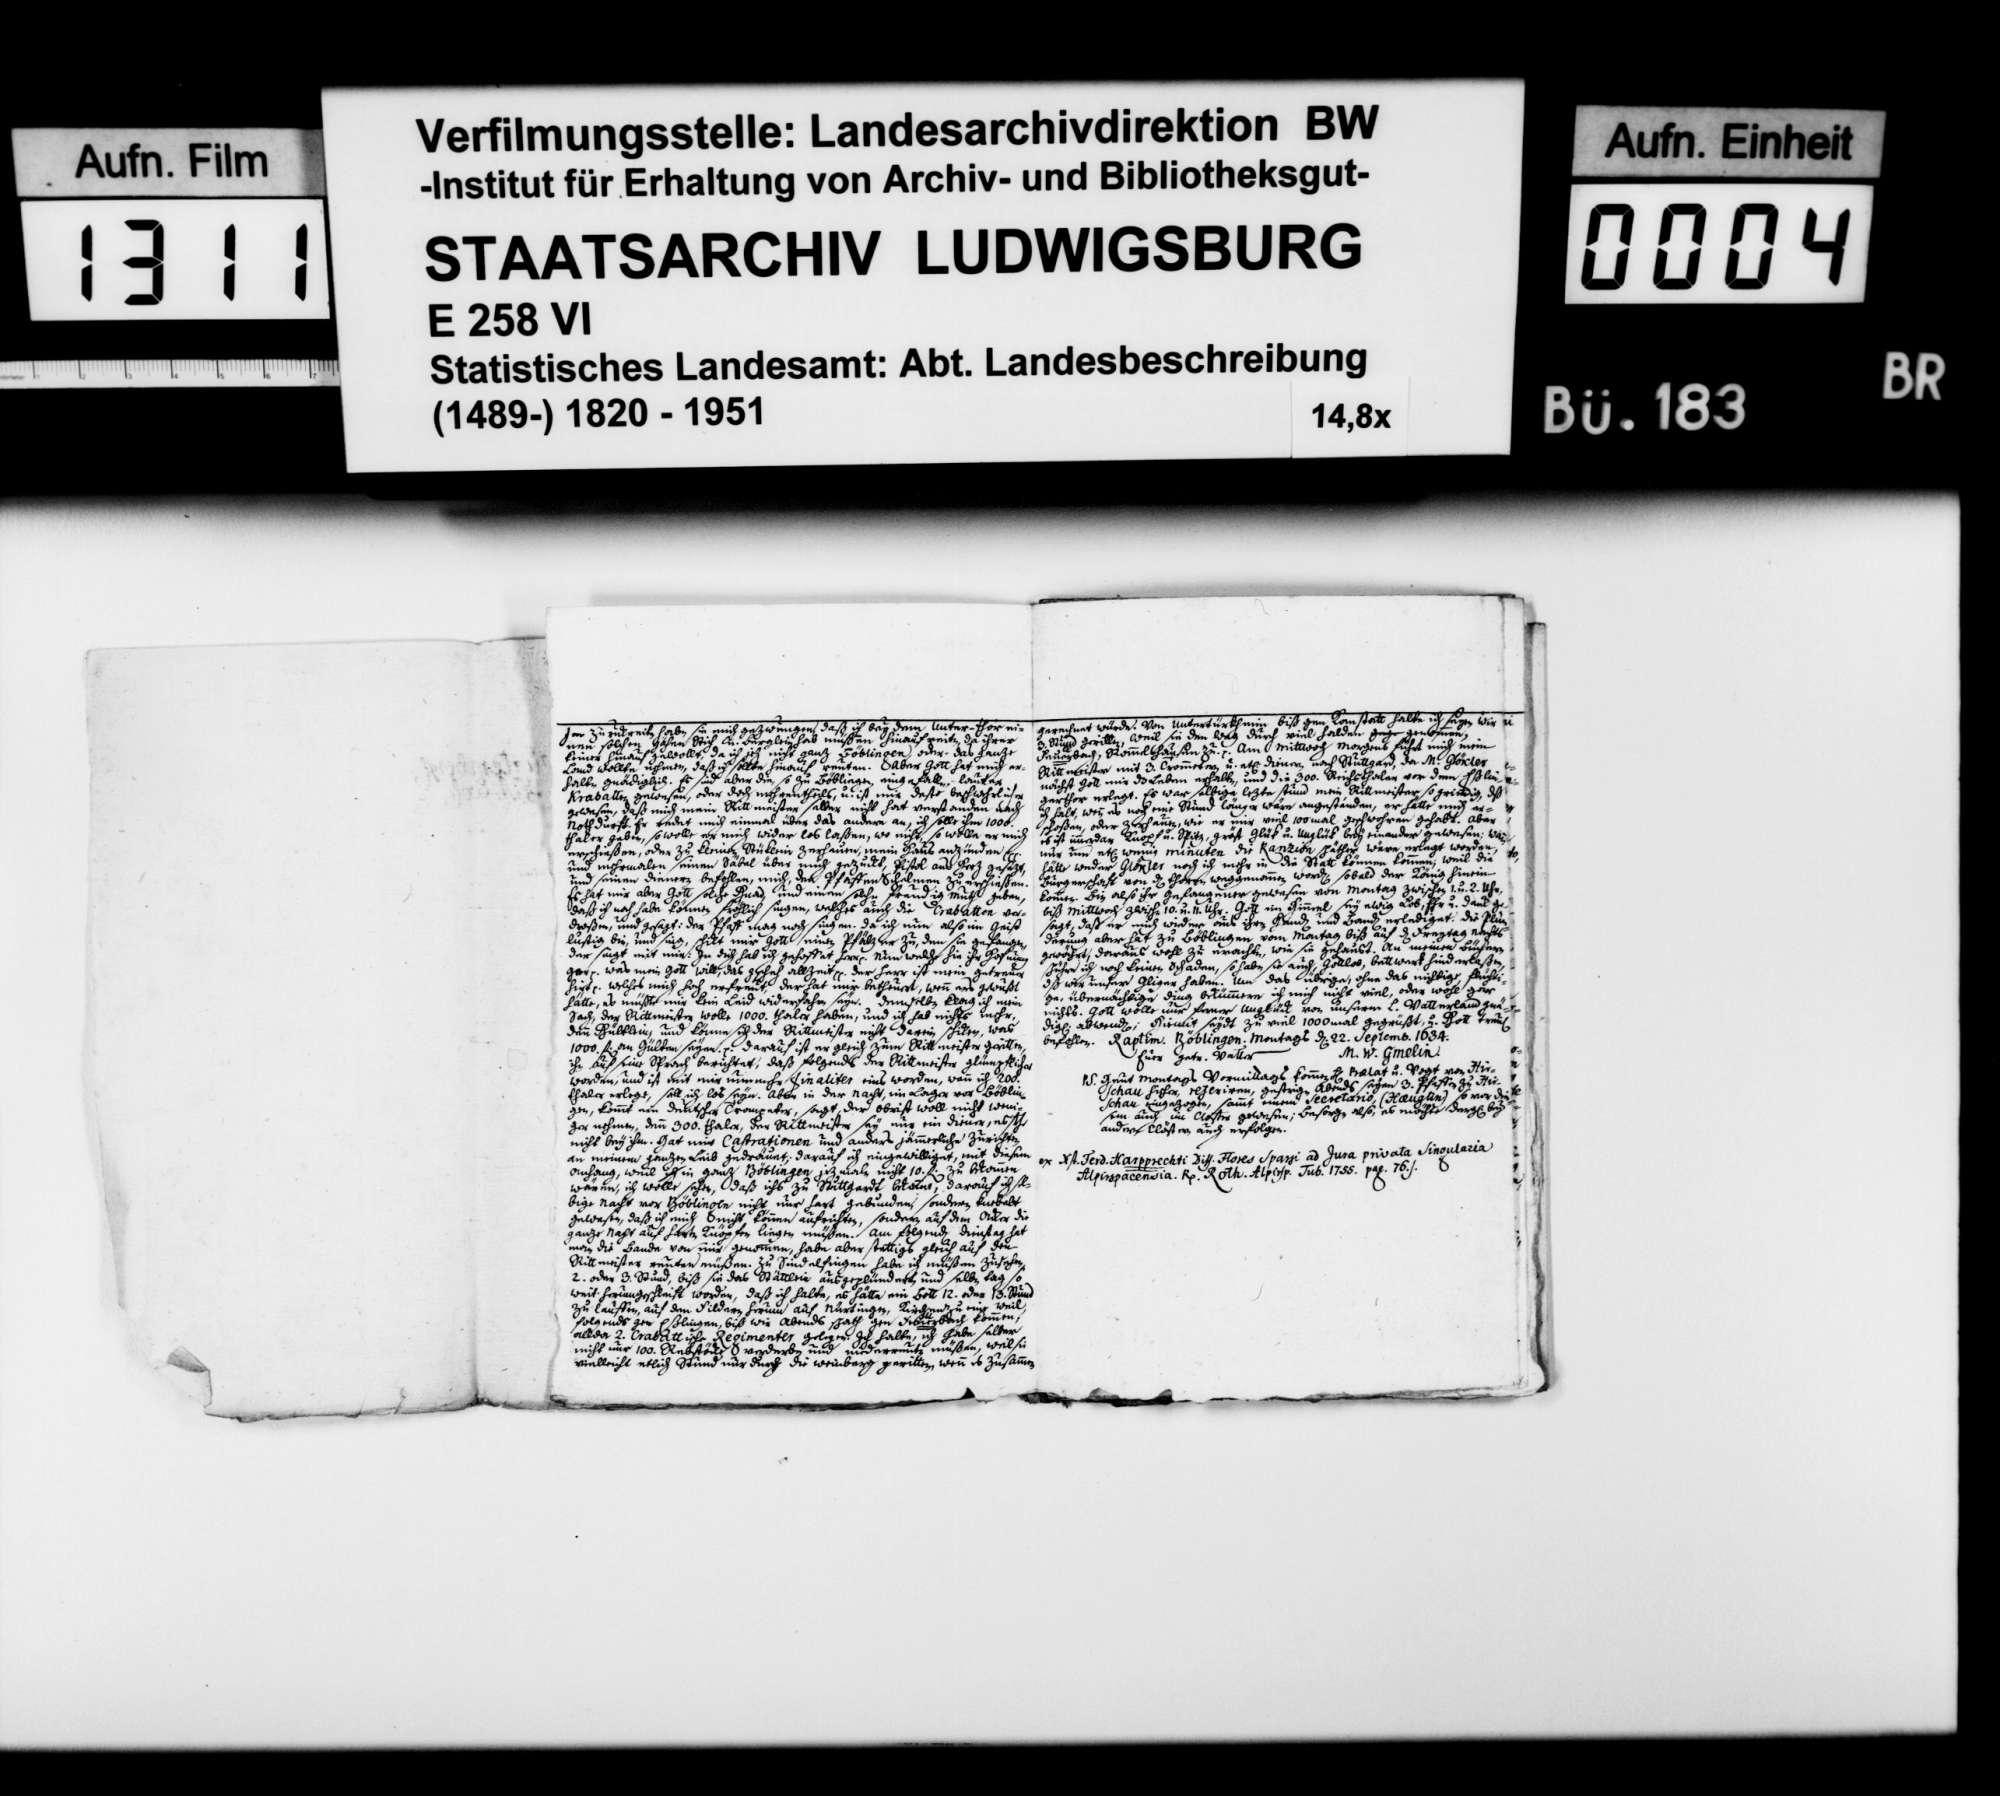 Notizen [des Stuttgarter Gymnasialprofessors Gottlieb Friedrich Rösler] zur württembergischen Geschichte vornehmlich im Dreißigjährigen Krieg; gearbeitet aus Akten, Leichenpredigten und biographischen Büchern, Bild 3